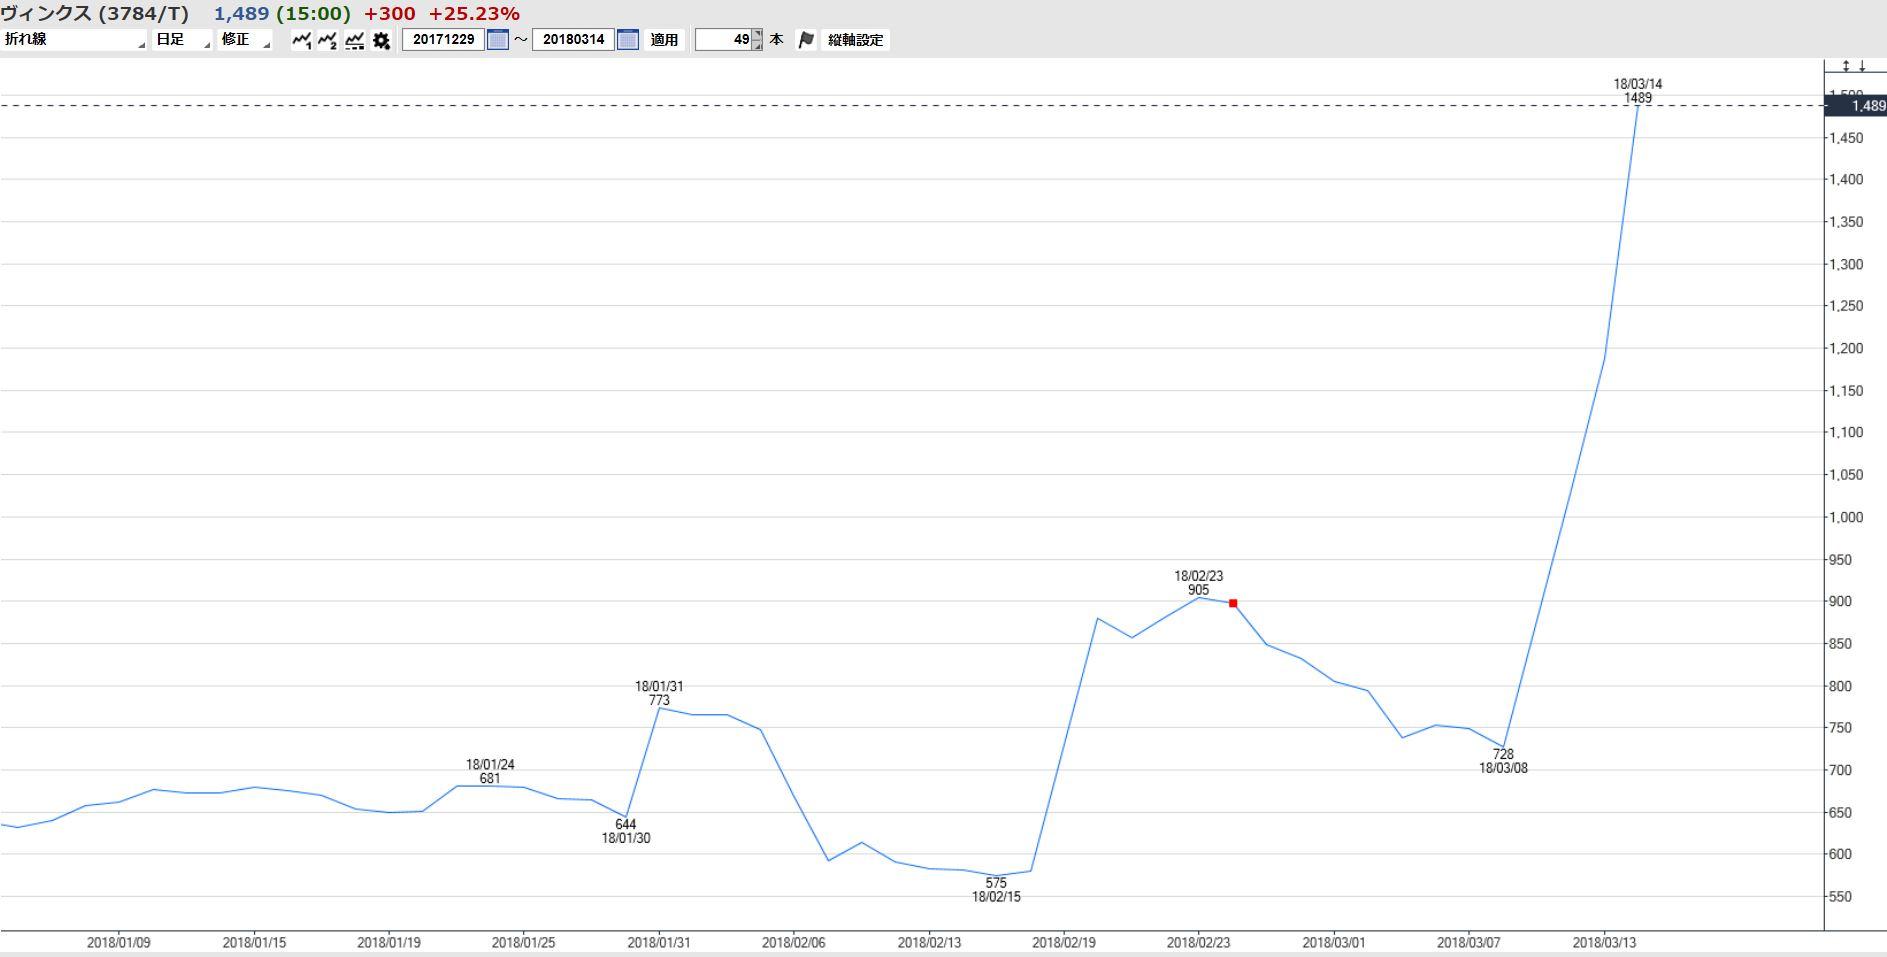 panasonic の 株価